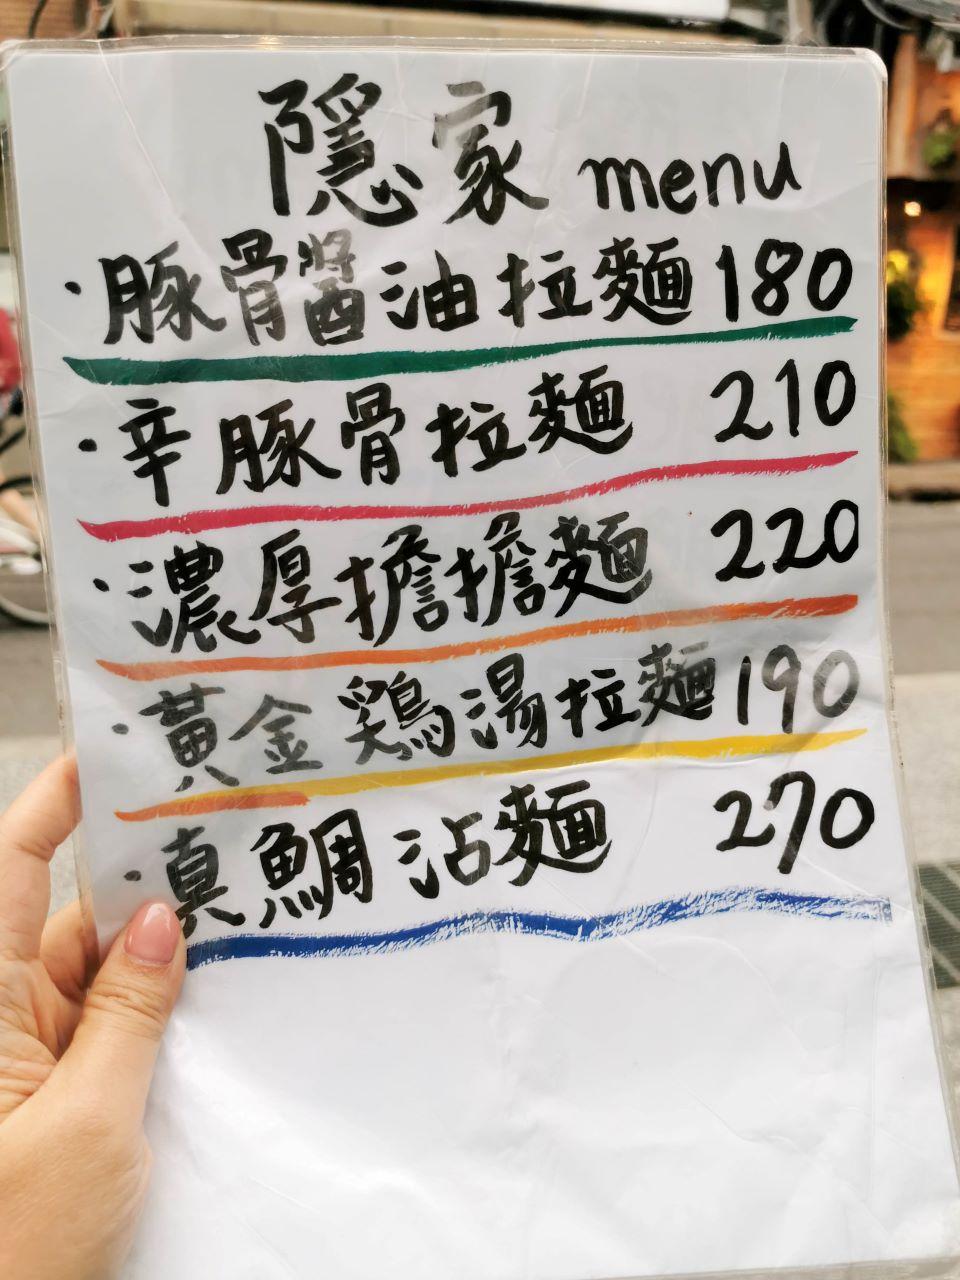 (雙連捷運站)超威必點豪華叉燒肉拼盤-台北三家分店家家排隊人潮滿滿的-隱家拉麵(赤峰店) @Nancy將的生活筆計本